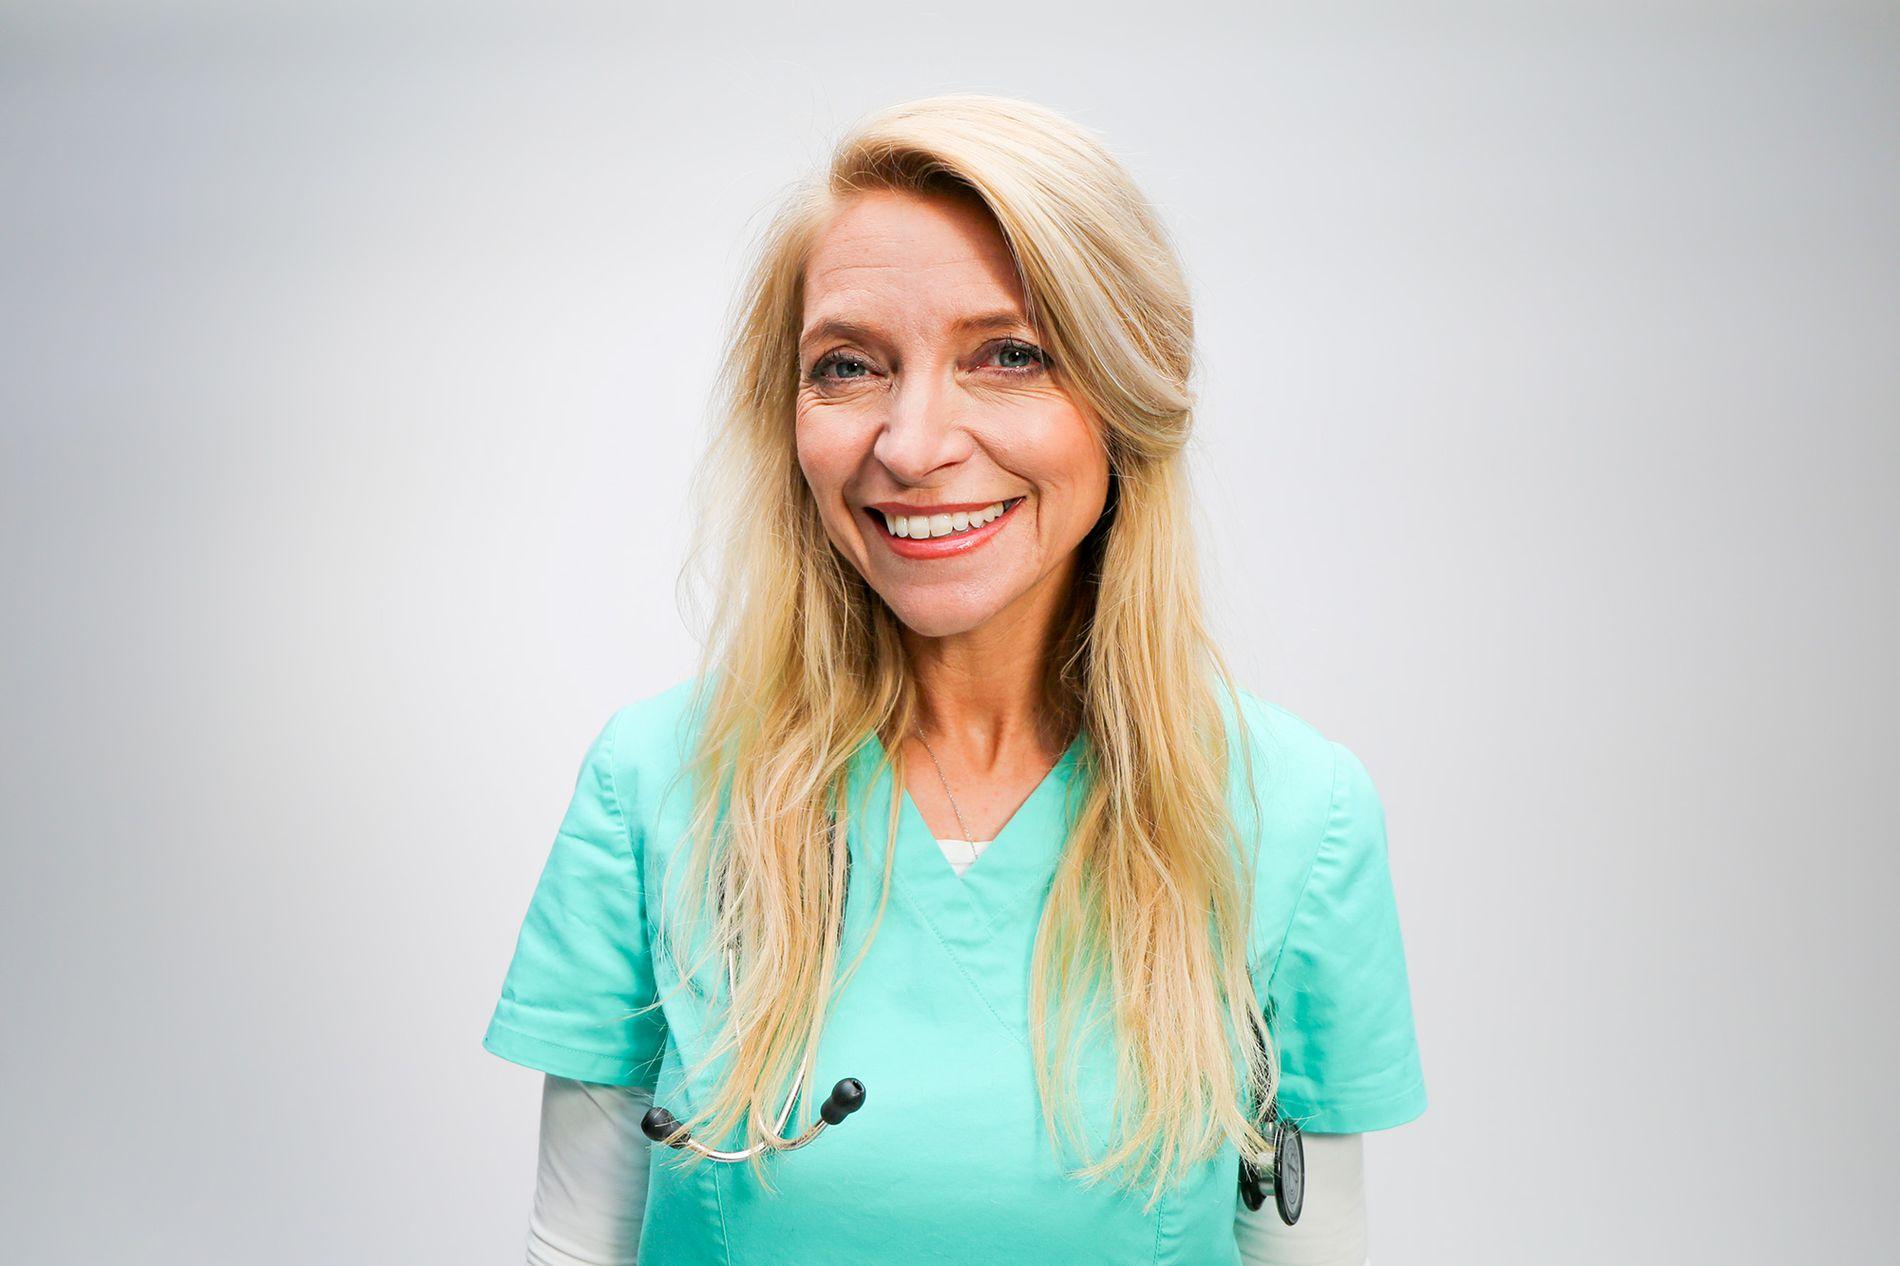 LANG ERFARING: Trude Mostue har jobbet som veterinær i over 20 år, og gir råd til hvordan du holder katten din sunn og frisk.